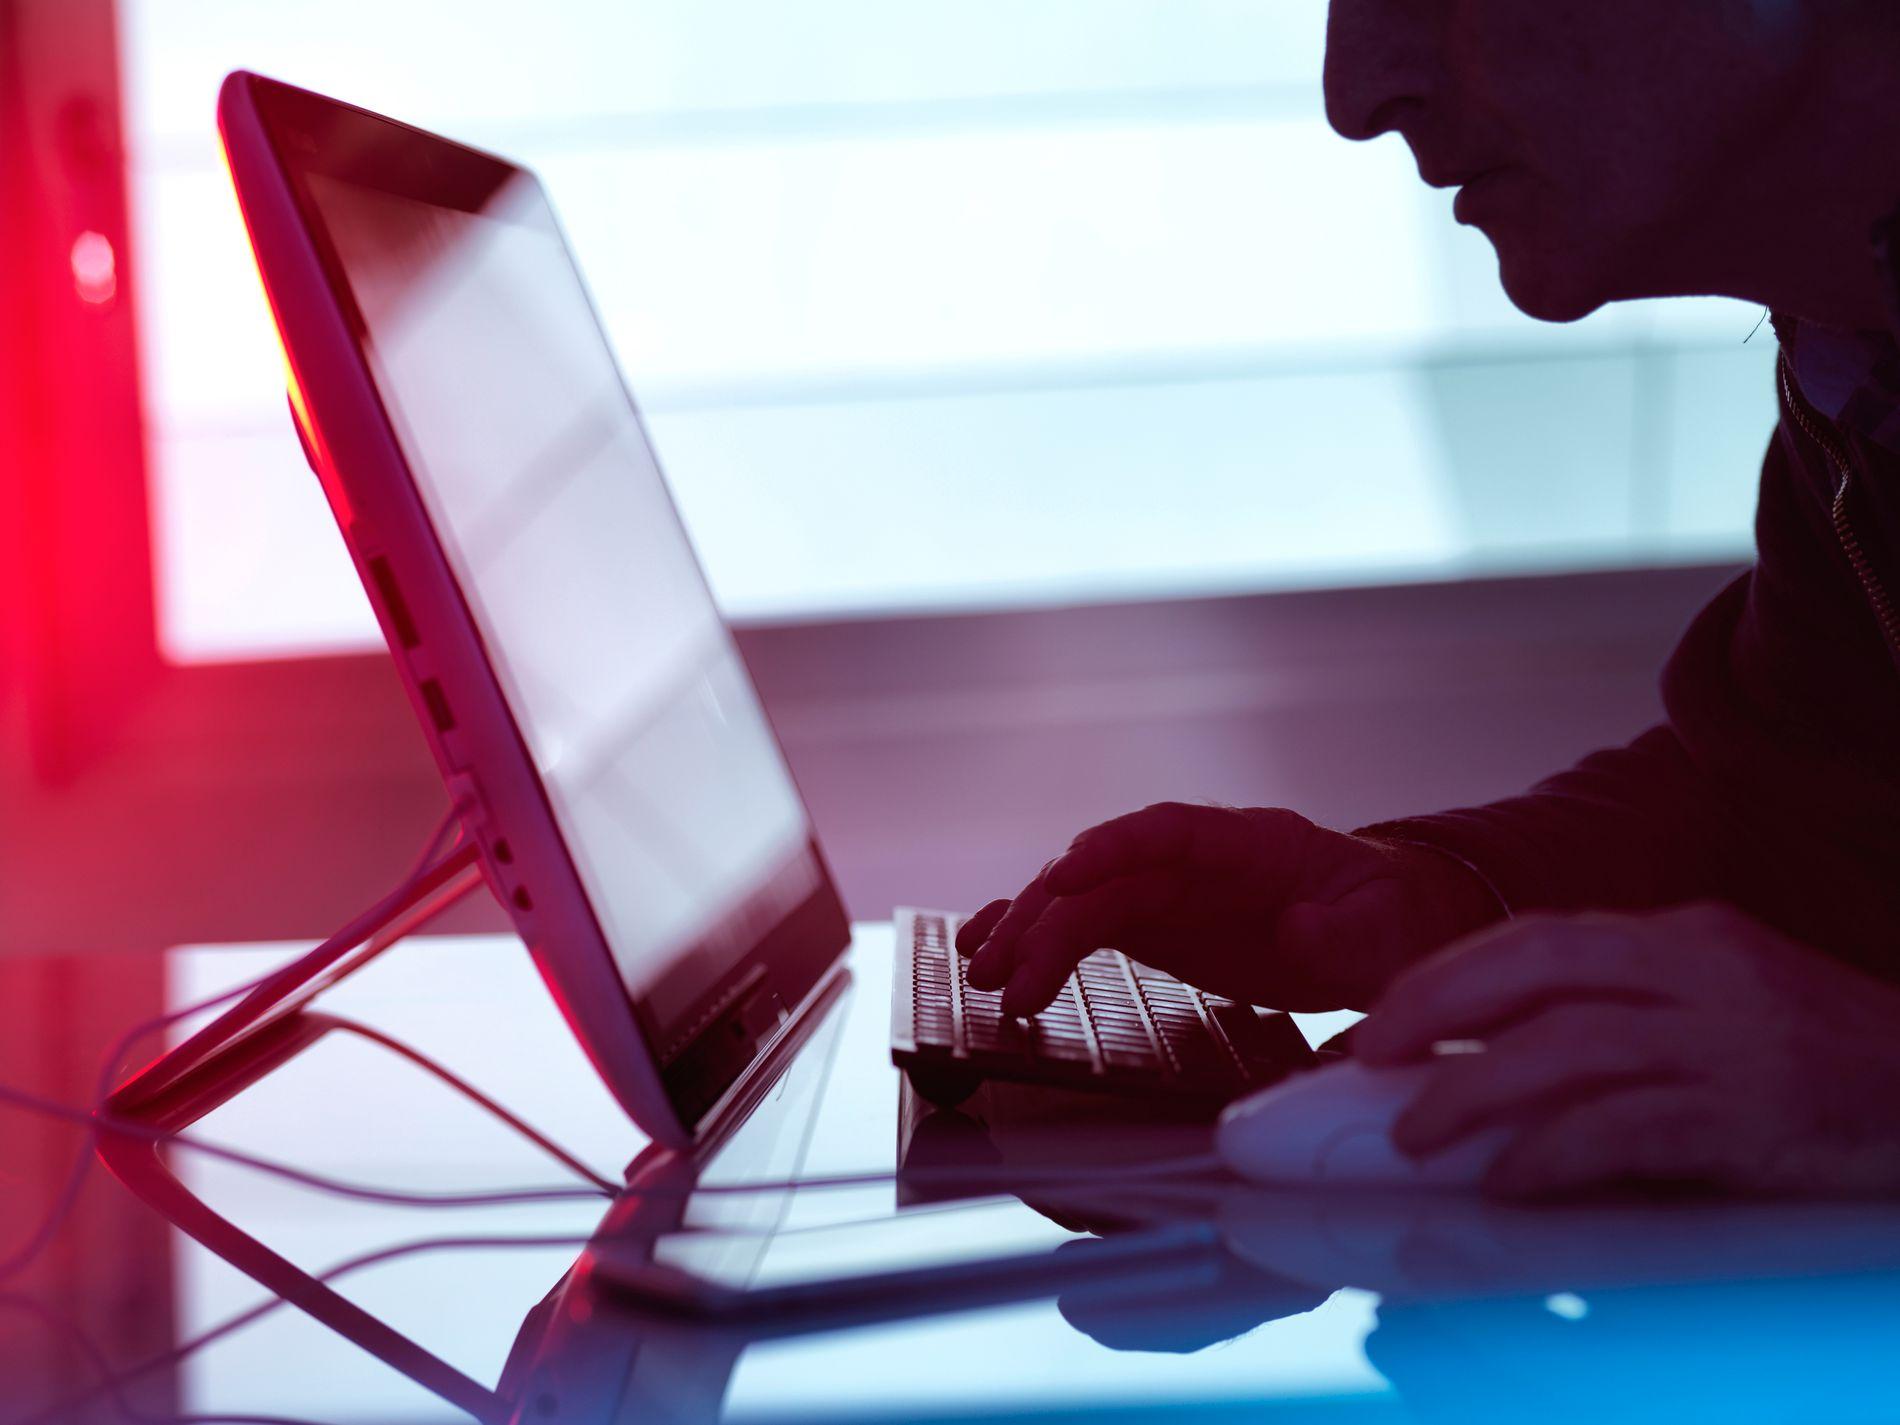 STORT OMFANG: Cyberangrepet skal ha rammet myndigheter og bedrifter over hele verden, ifølge USA og Storbritannia.